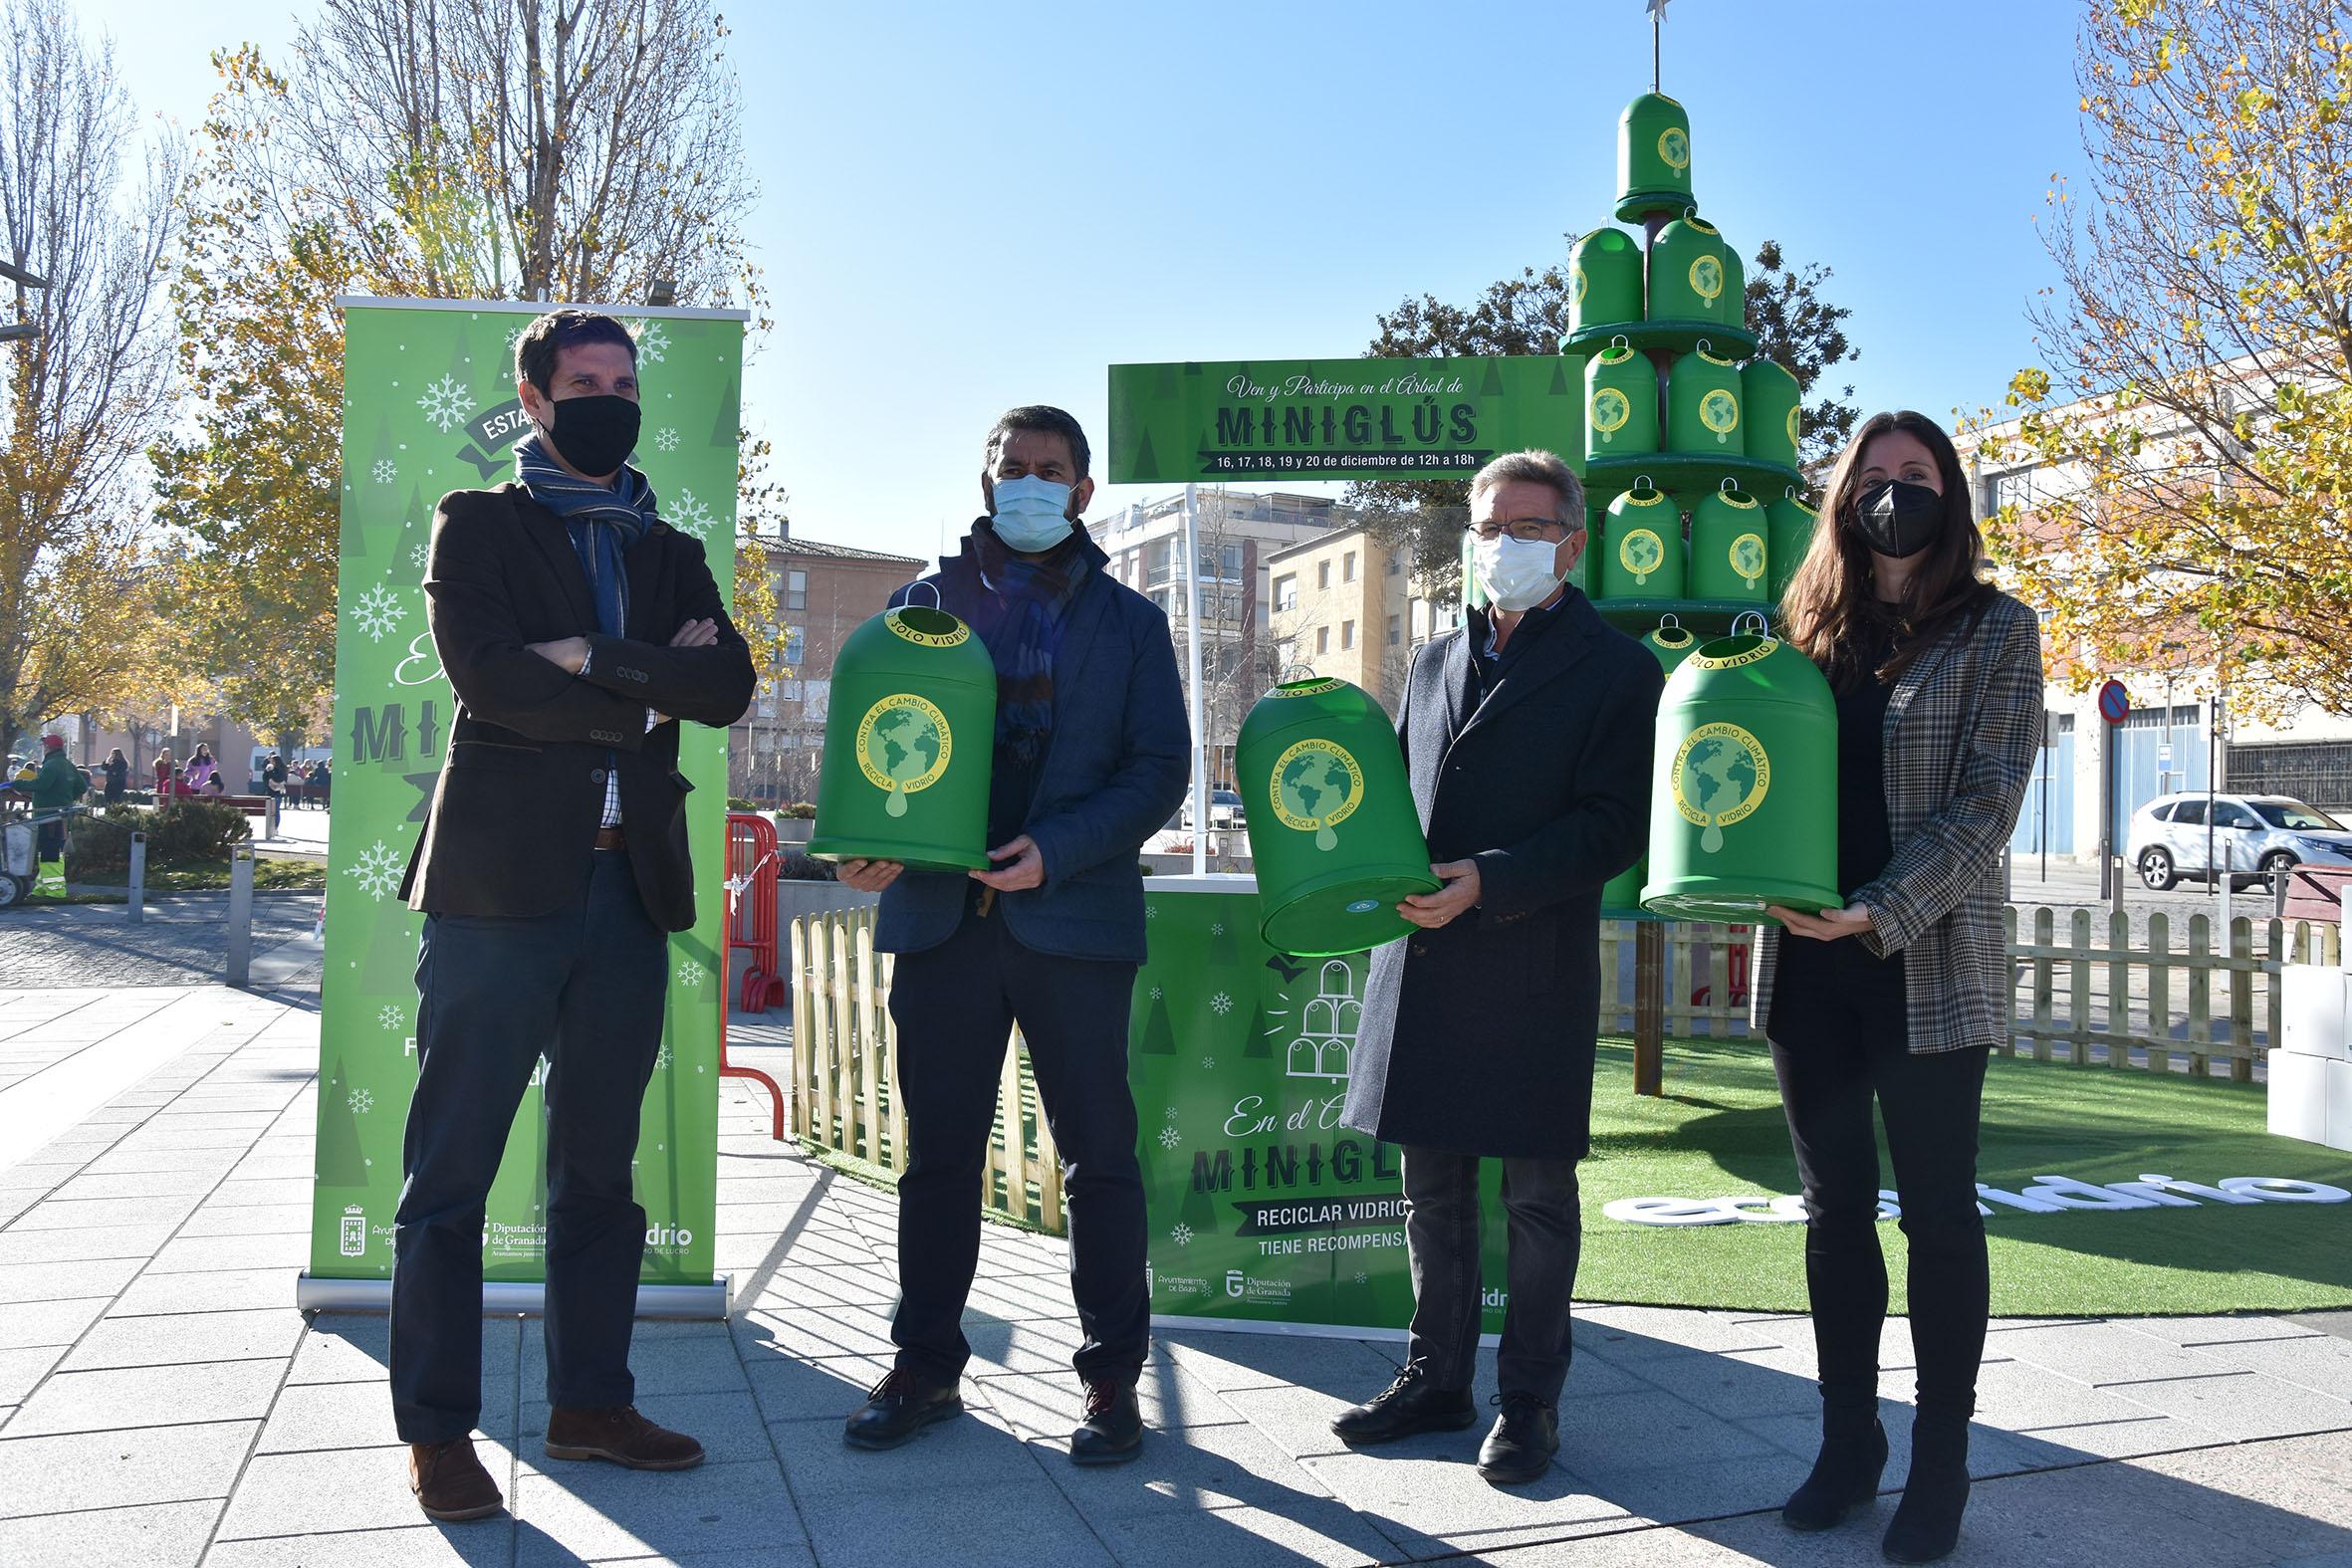 """Baza cuenta con un árbol de navidad formado por """"miniglús"""" para concienciar sobre el reciclaje de vidrio"""